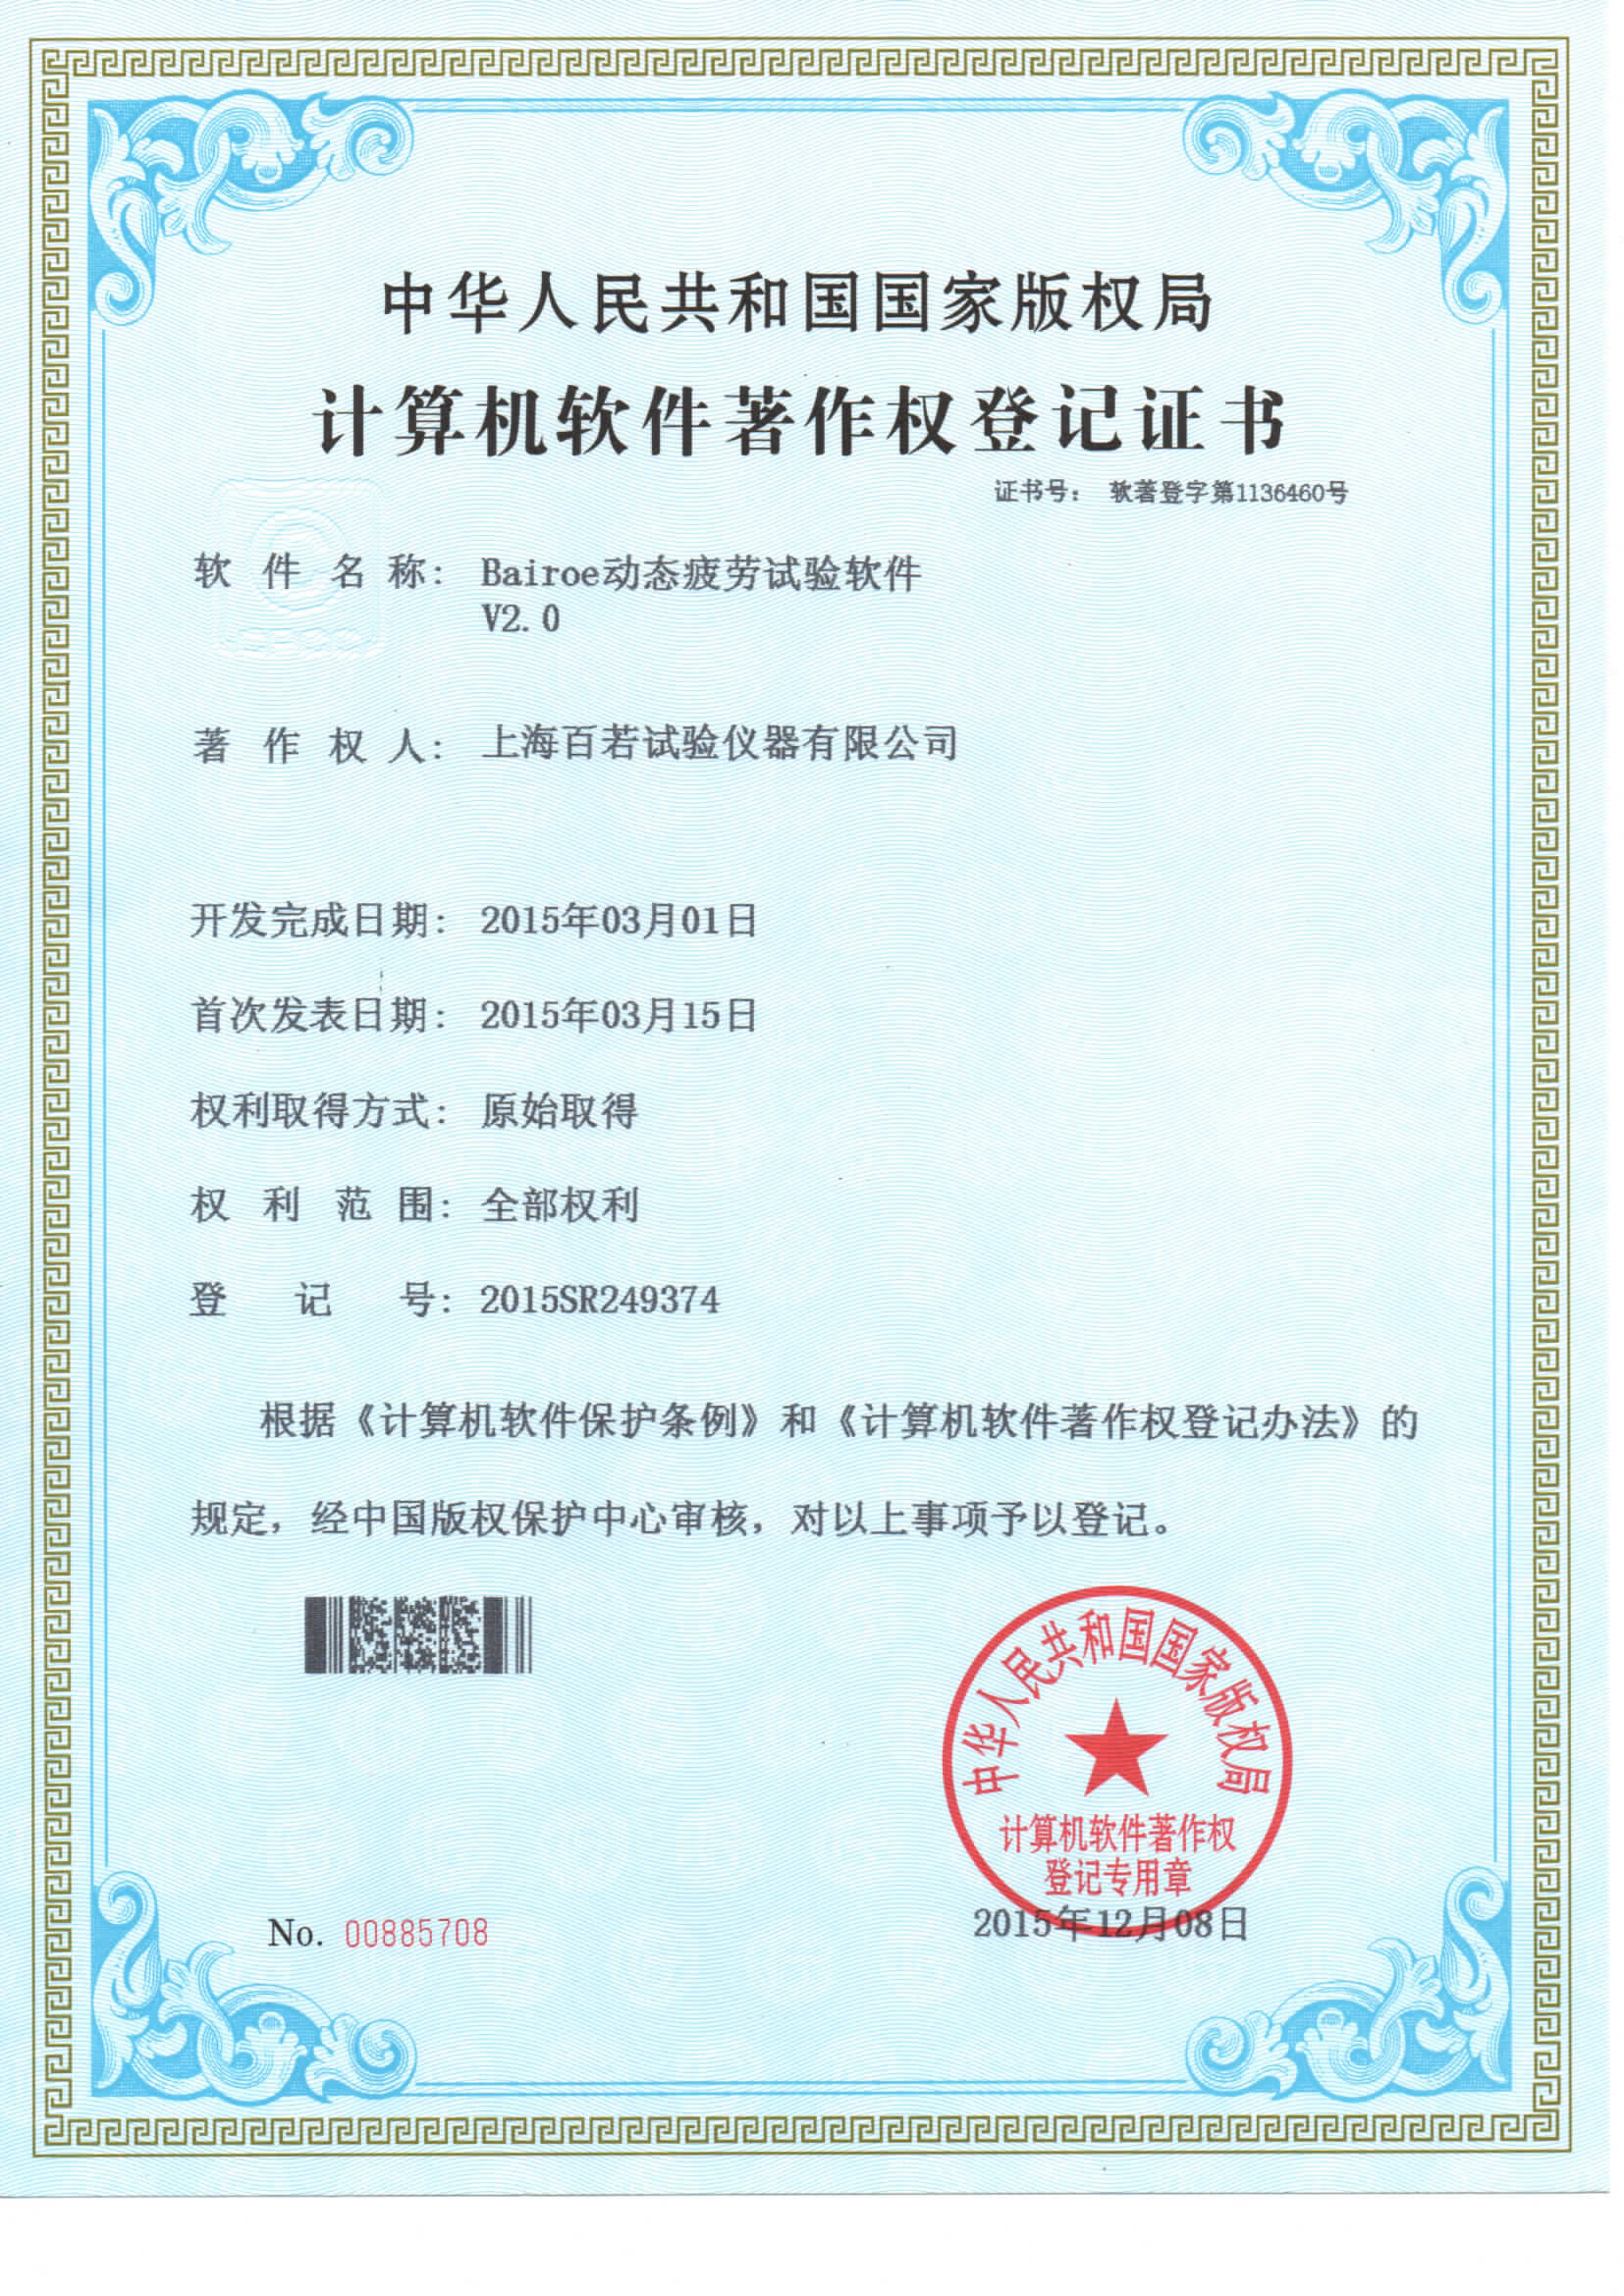 动态疲劳-计算机软件著作权登记证书